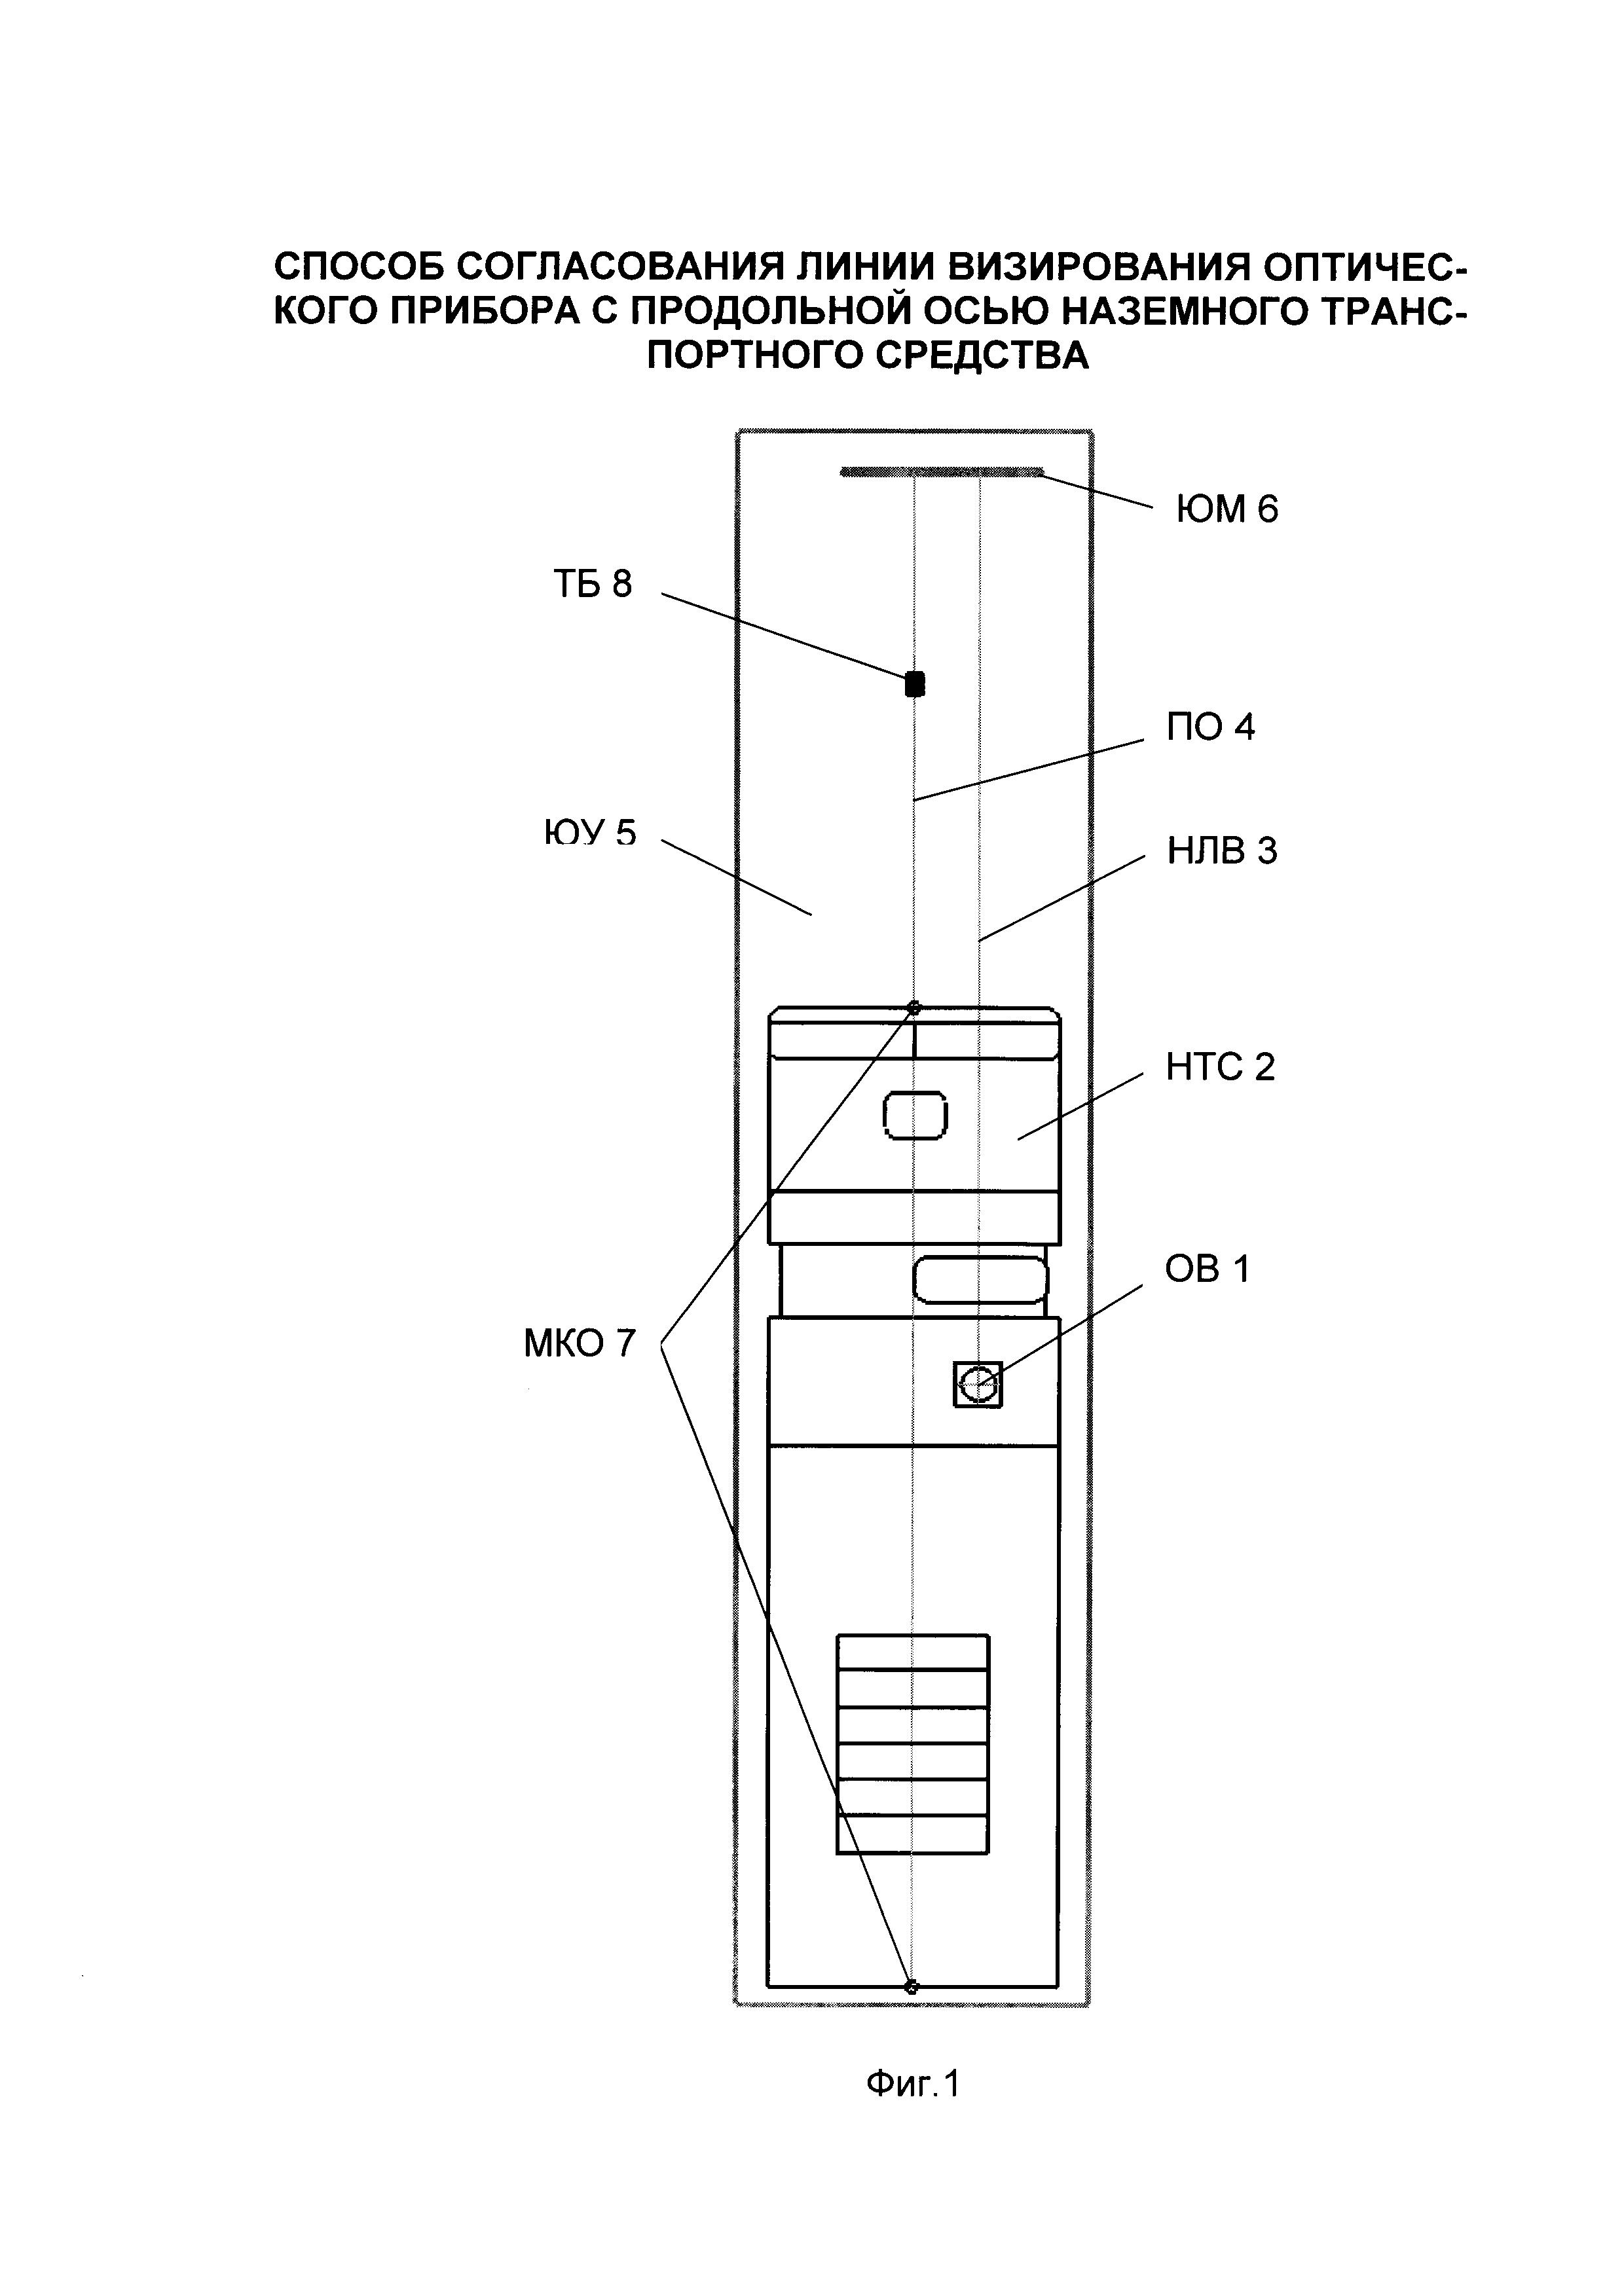 Способ согласования линии визирования оптического прибора с продольной осью наземного транспортного средства